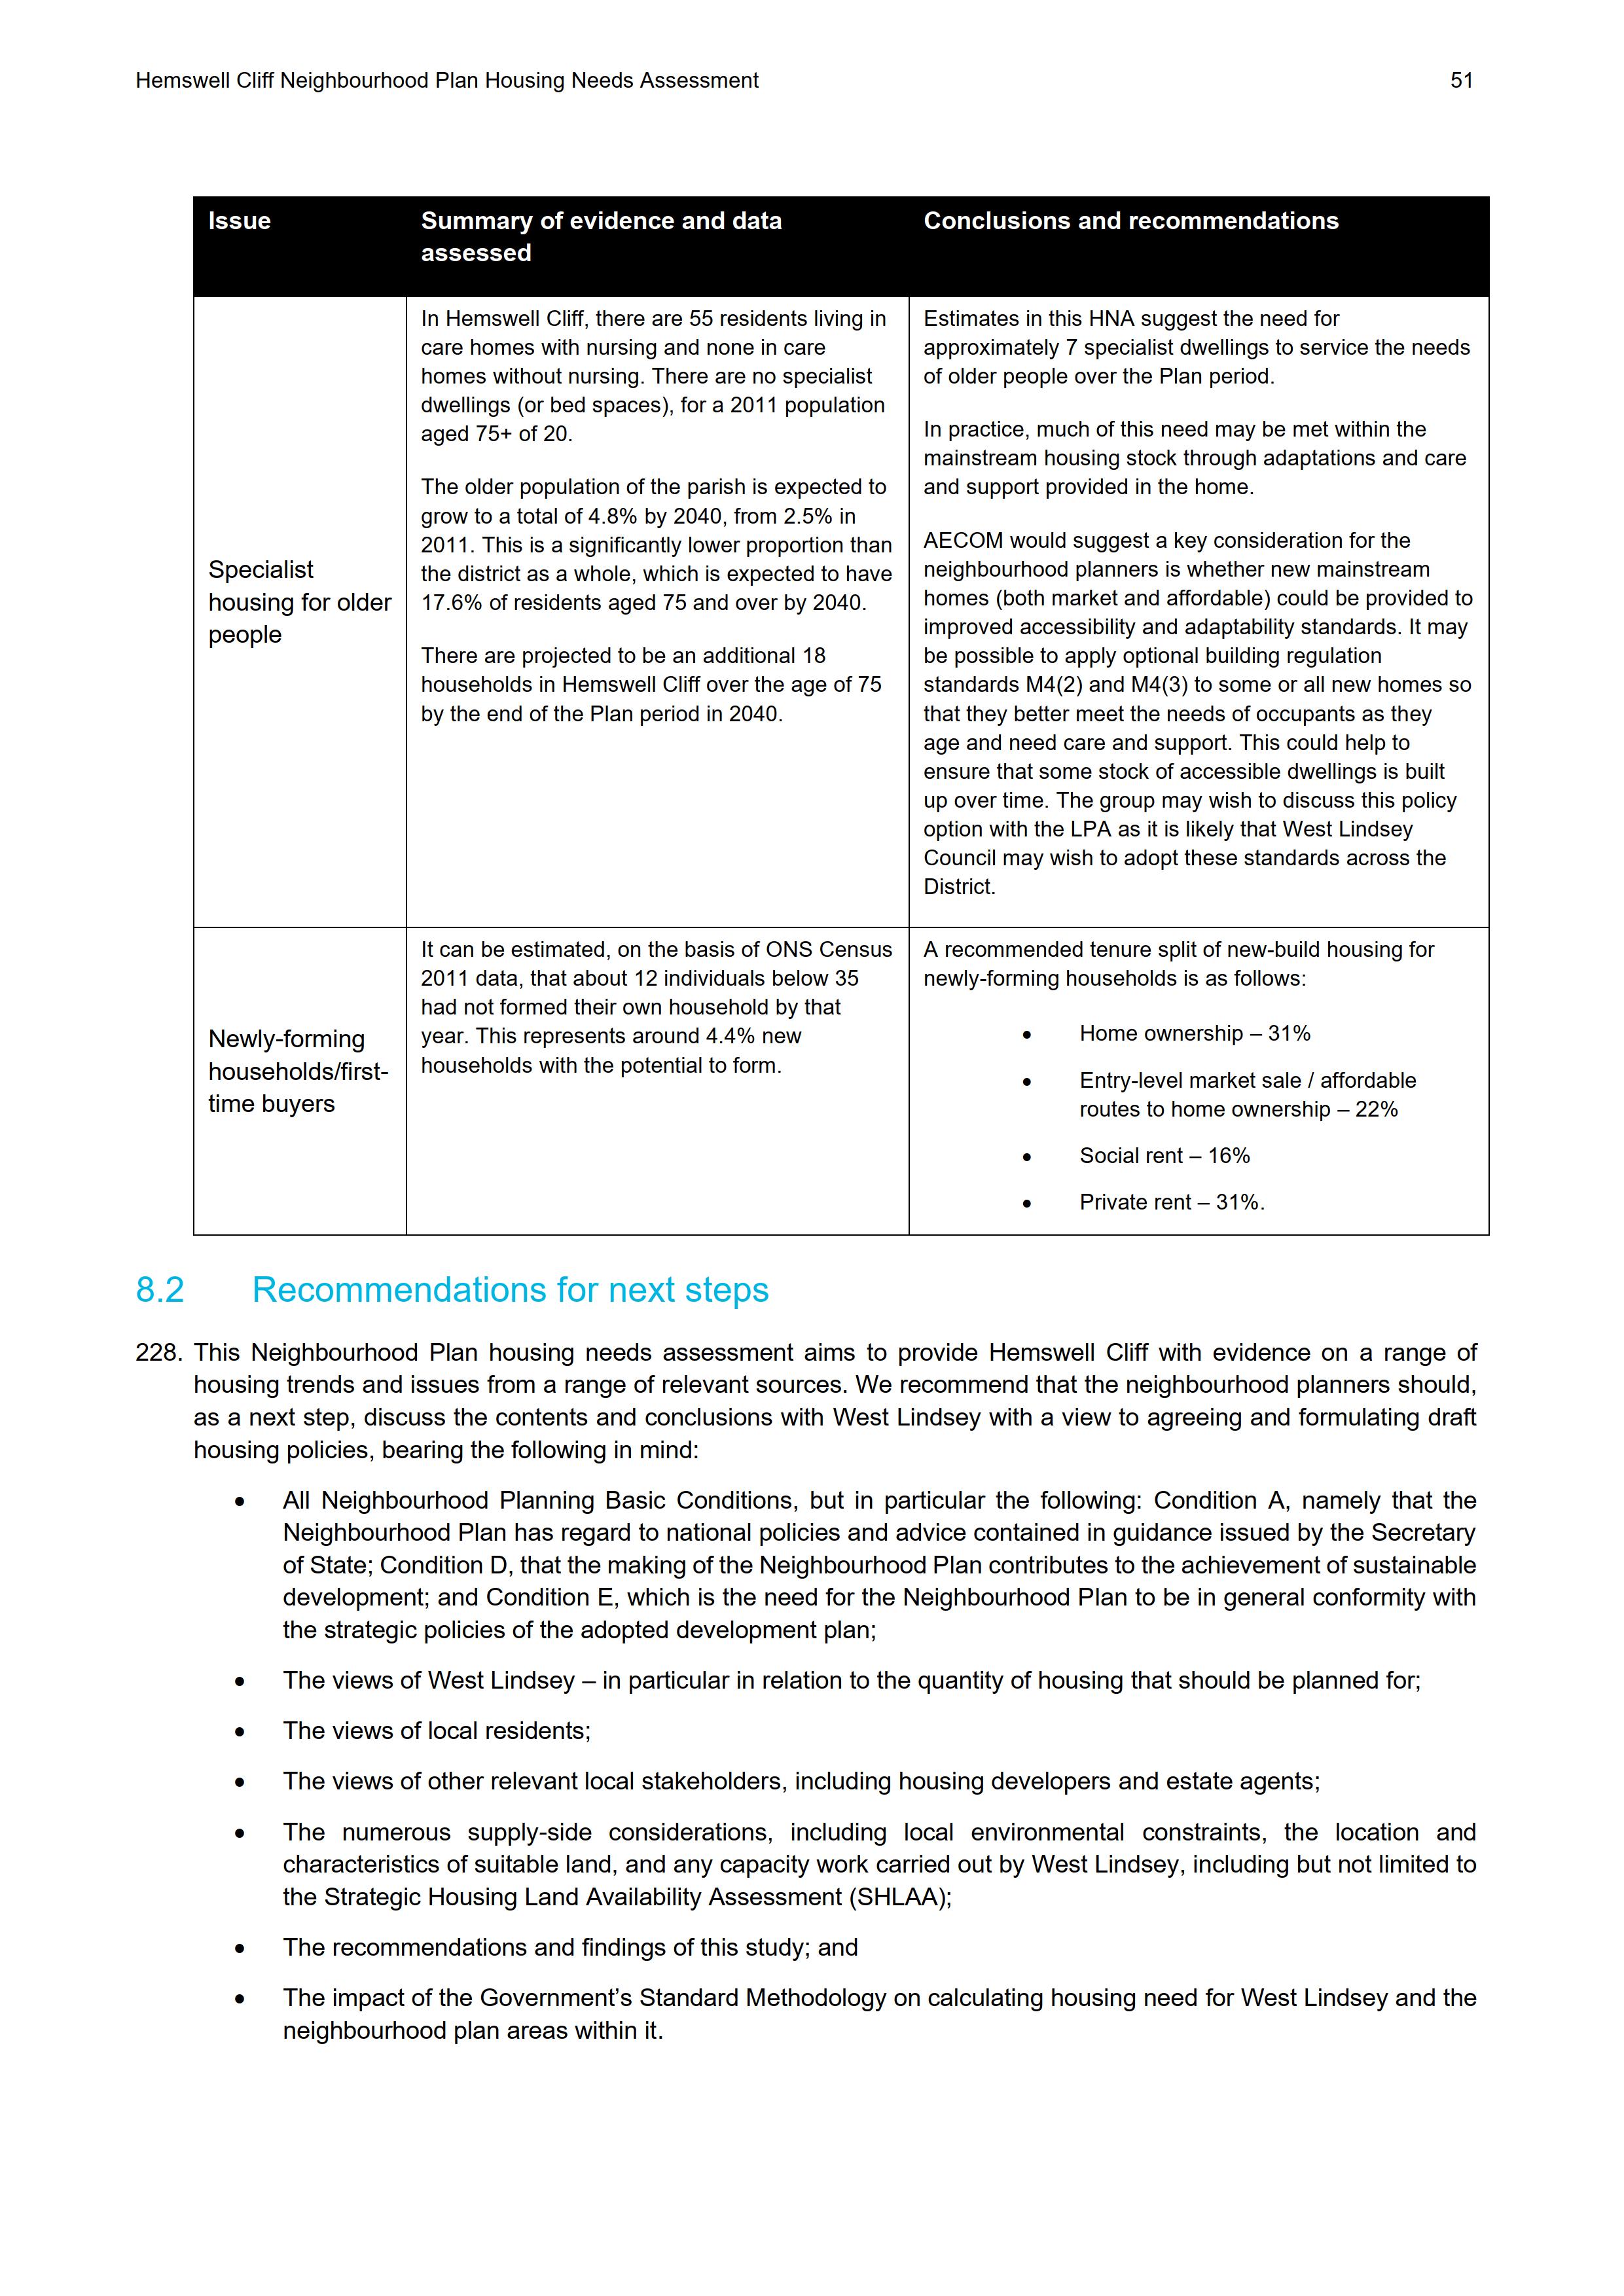 Hemswell_Cliff_Housing_Needs_Assessment_Final_51.png